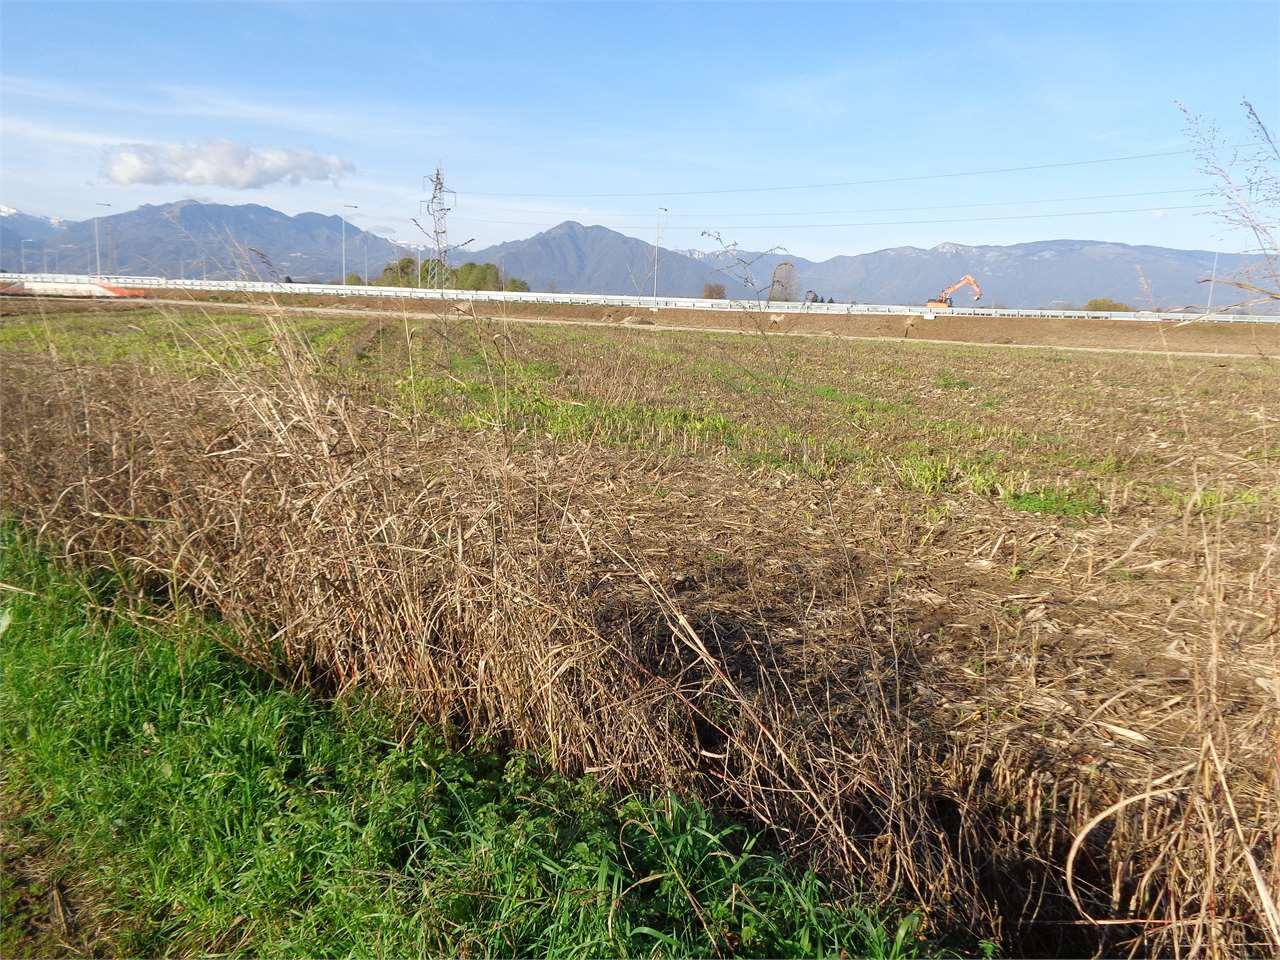 Terreno Agricolo in vendita a Malo, 9999 locali, zona Zona: San Tomio, prezzo € 58.000 | CambioCasa.it